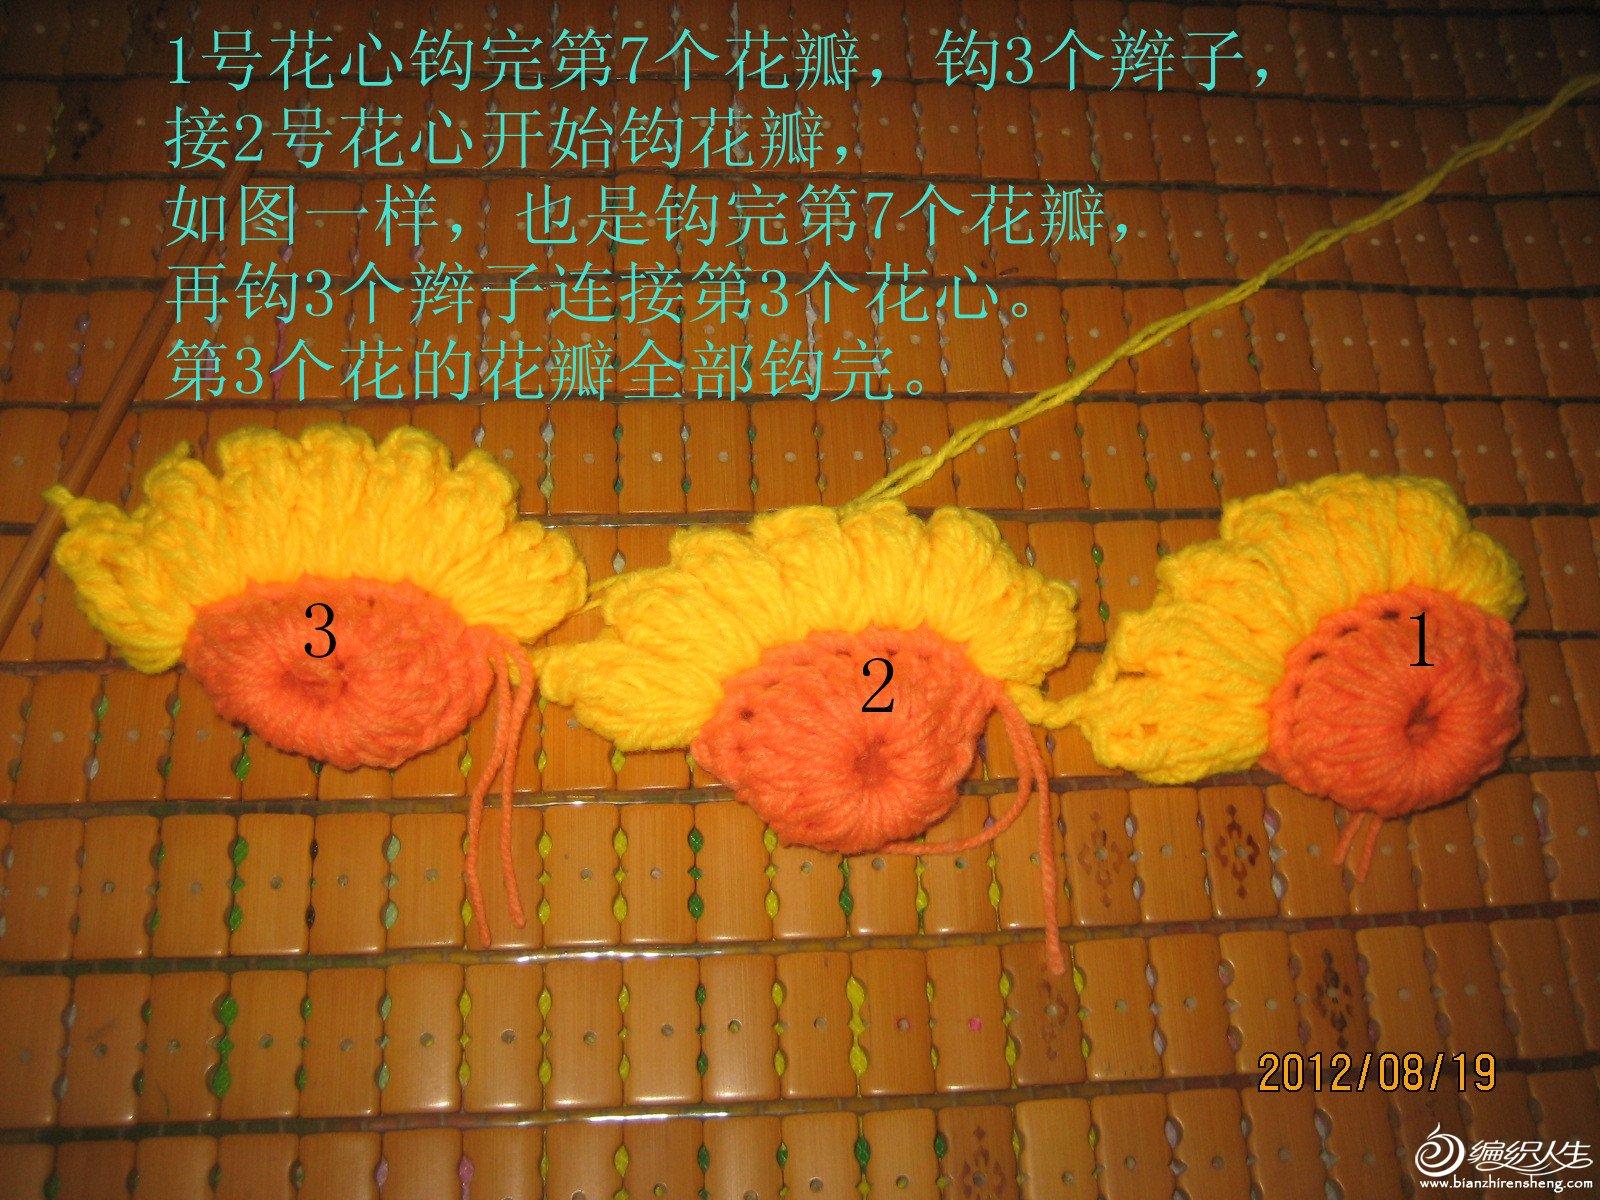 葵花坐垫一线连-01.jpg